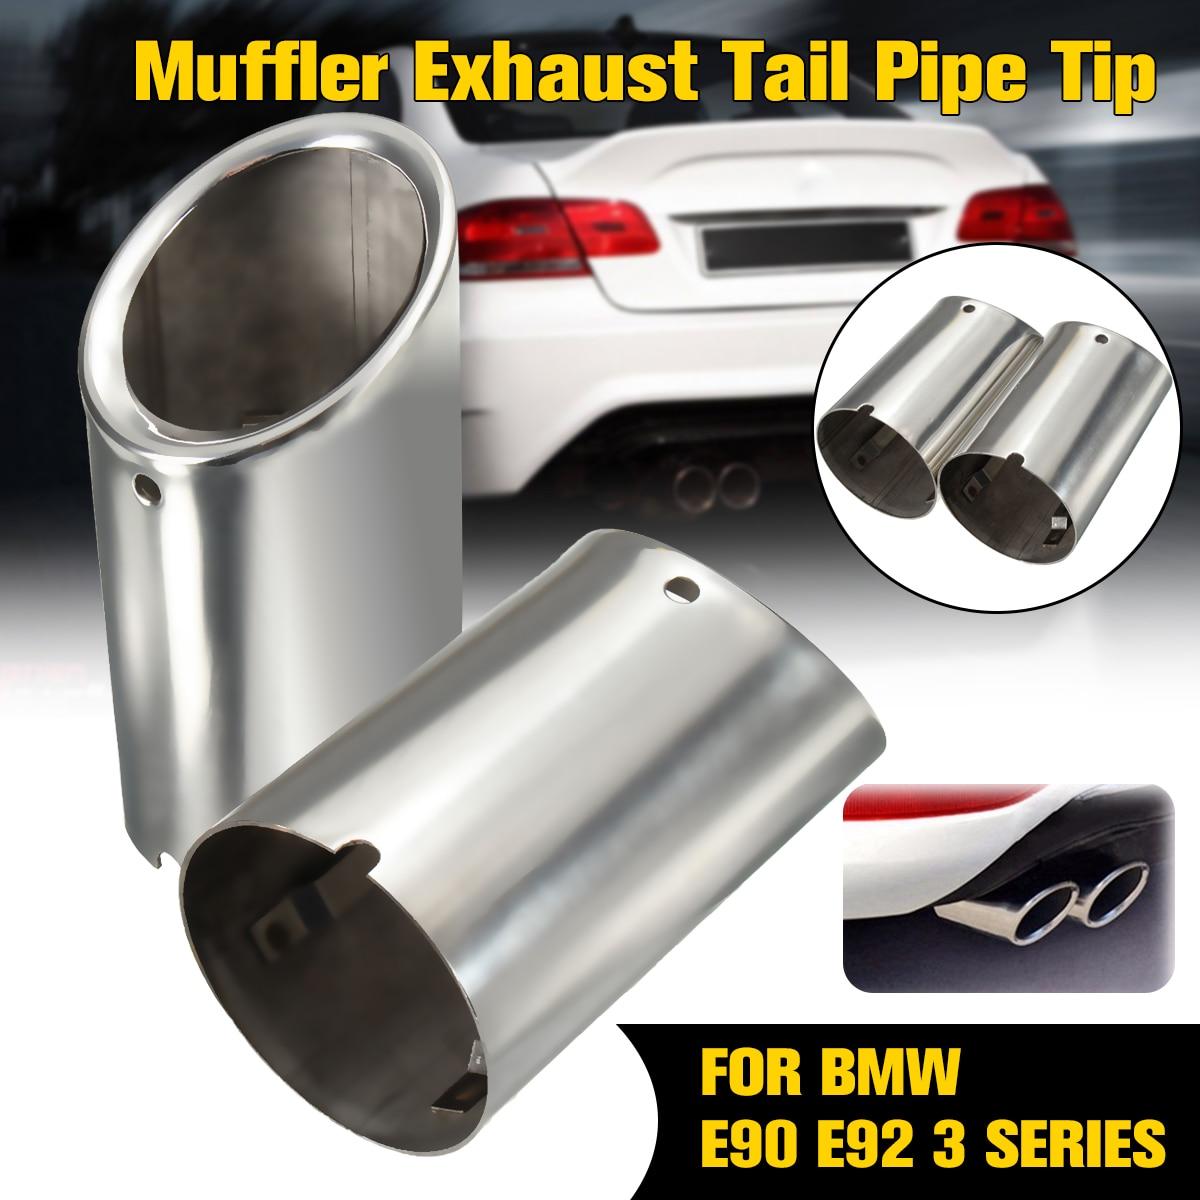 2 piezas de escape silenciador tubo de cola de punta de cromo para BMW E90 E92 325i 328i 3 serie 2006-2010